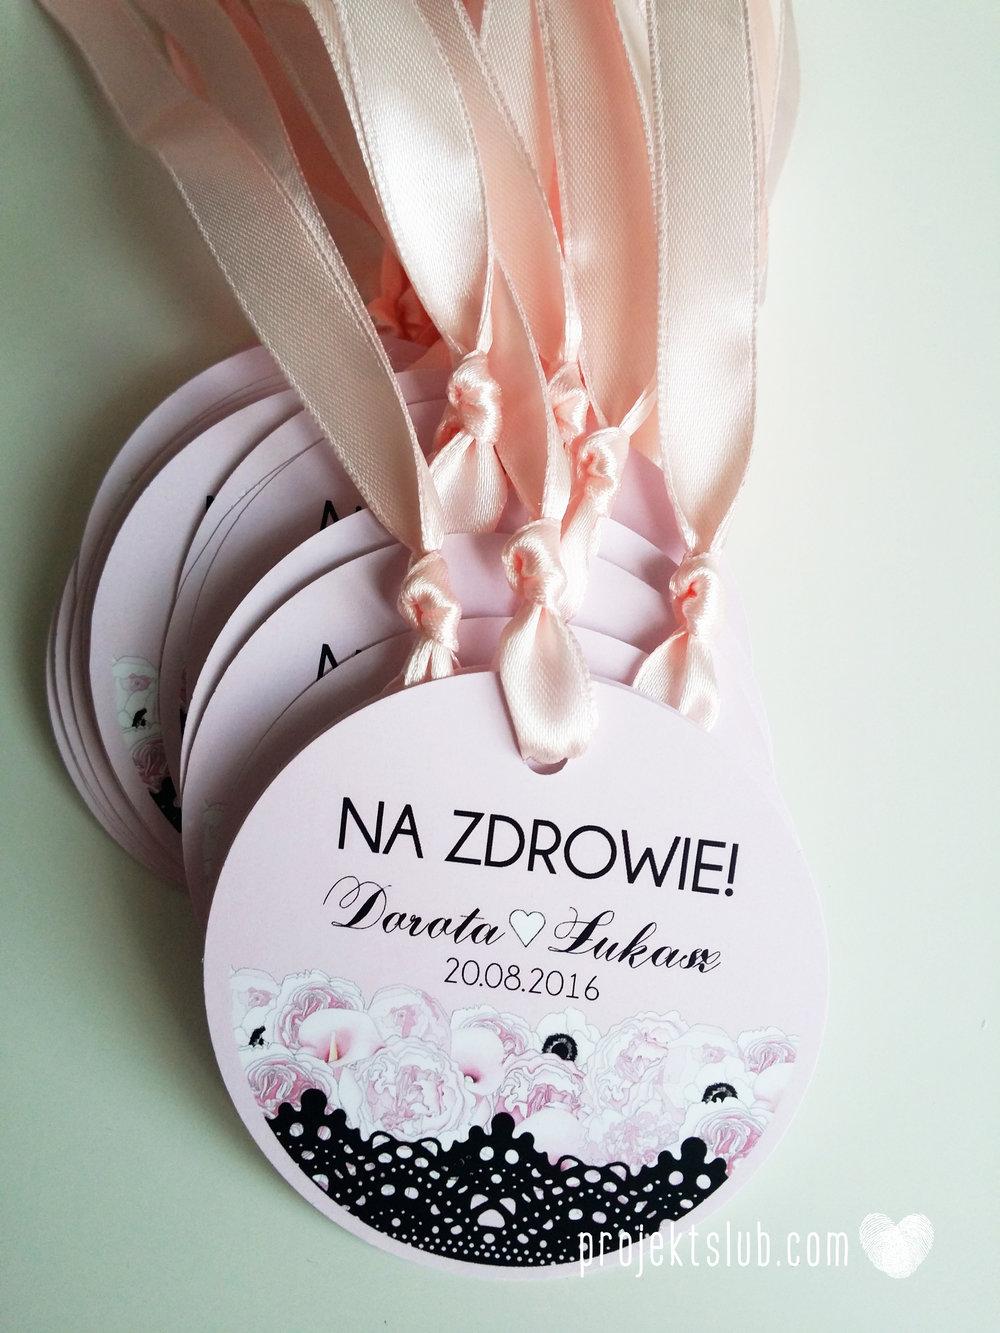 Eleganckie zaproszenia ślubne rysunek pary młodej róż i czerń glamour koronkowe pastelowe Projekt ŚLub (12).jpg